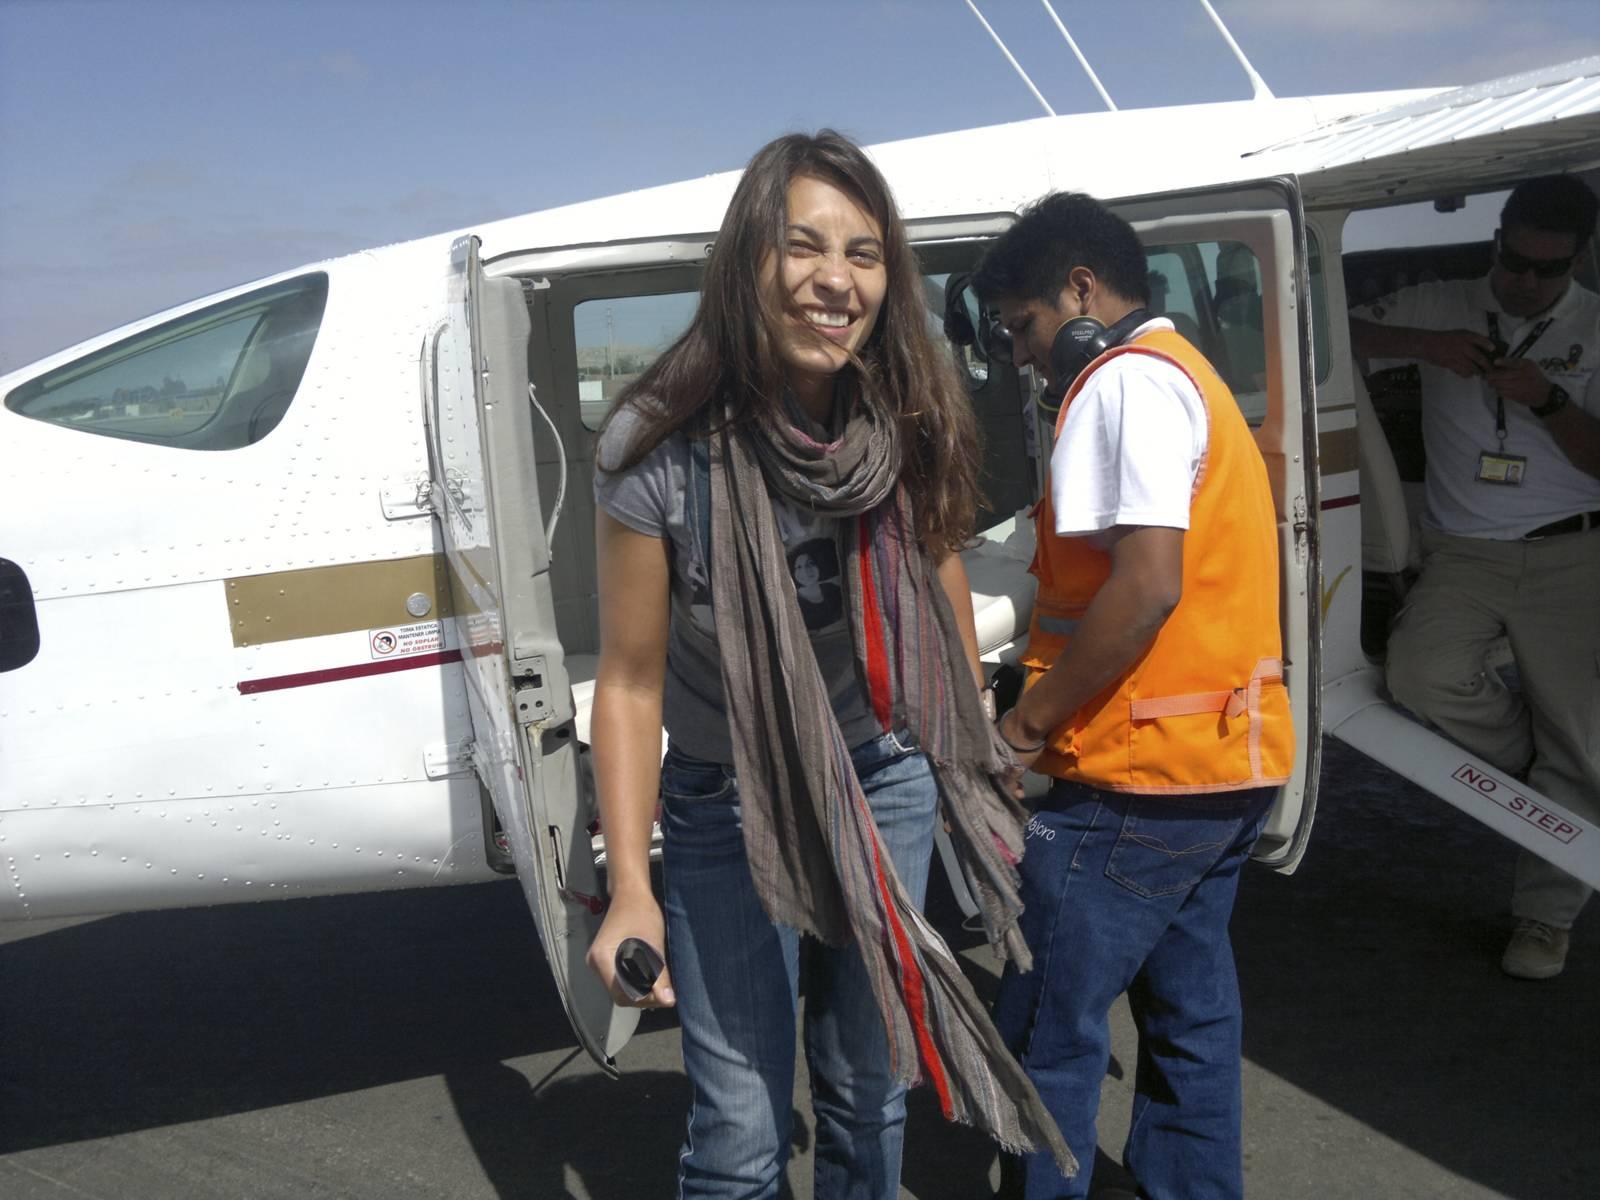 Peru-linee-di-nazca-fly-over-nazca-lines